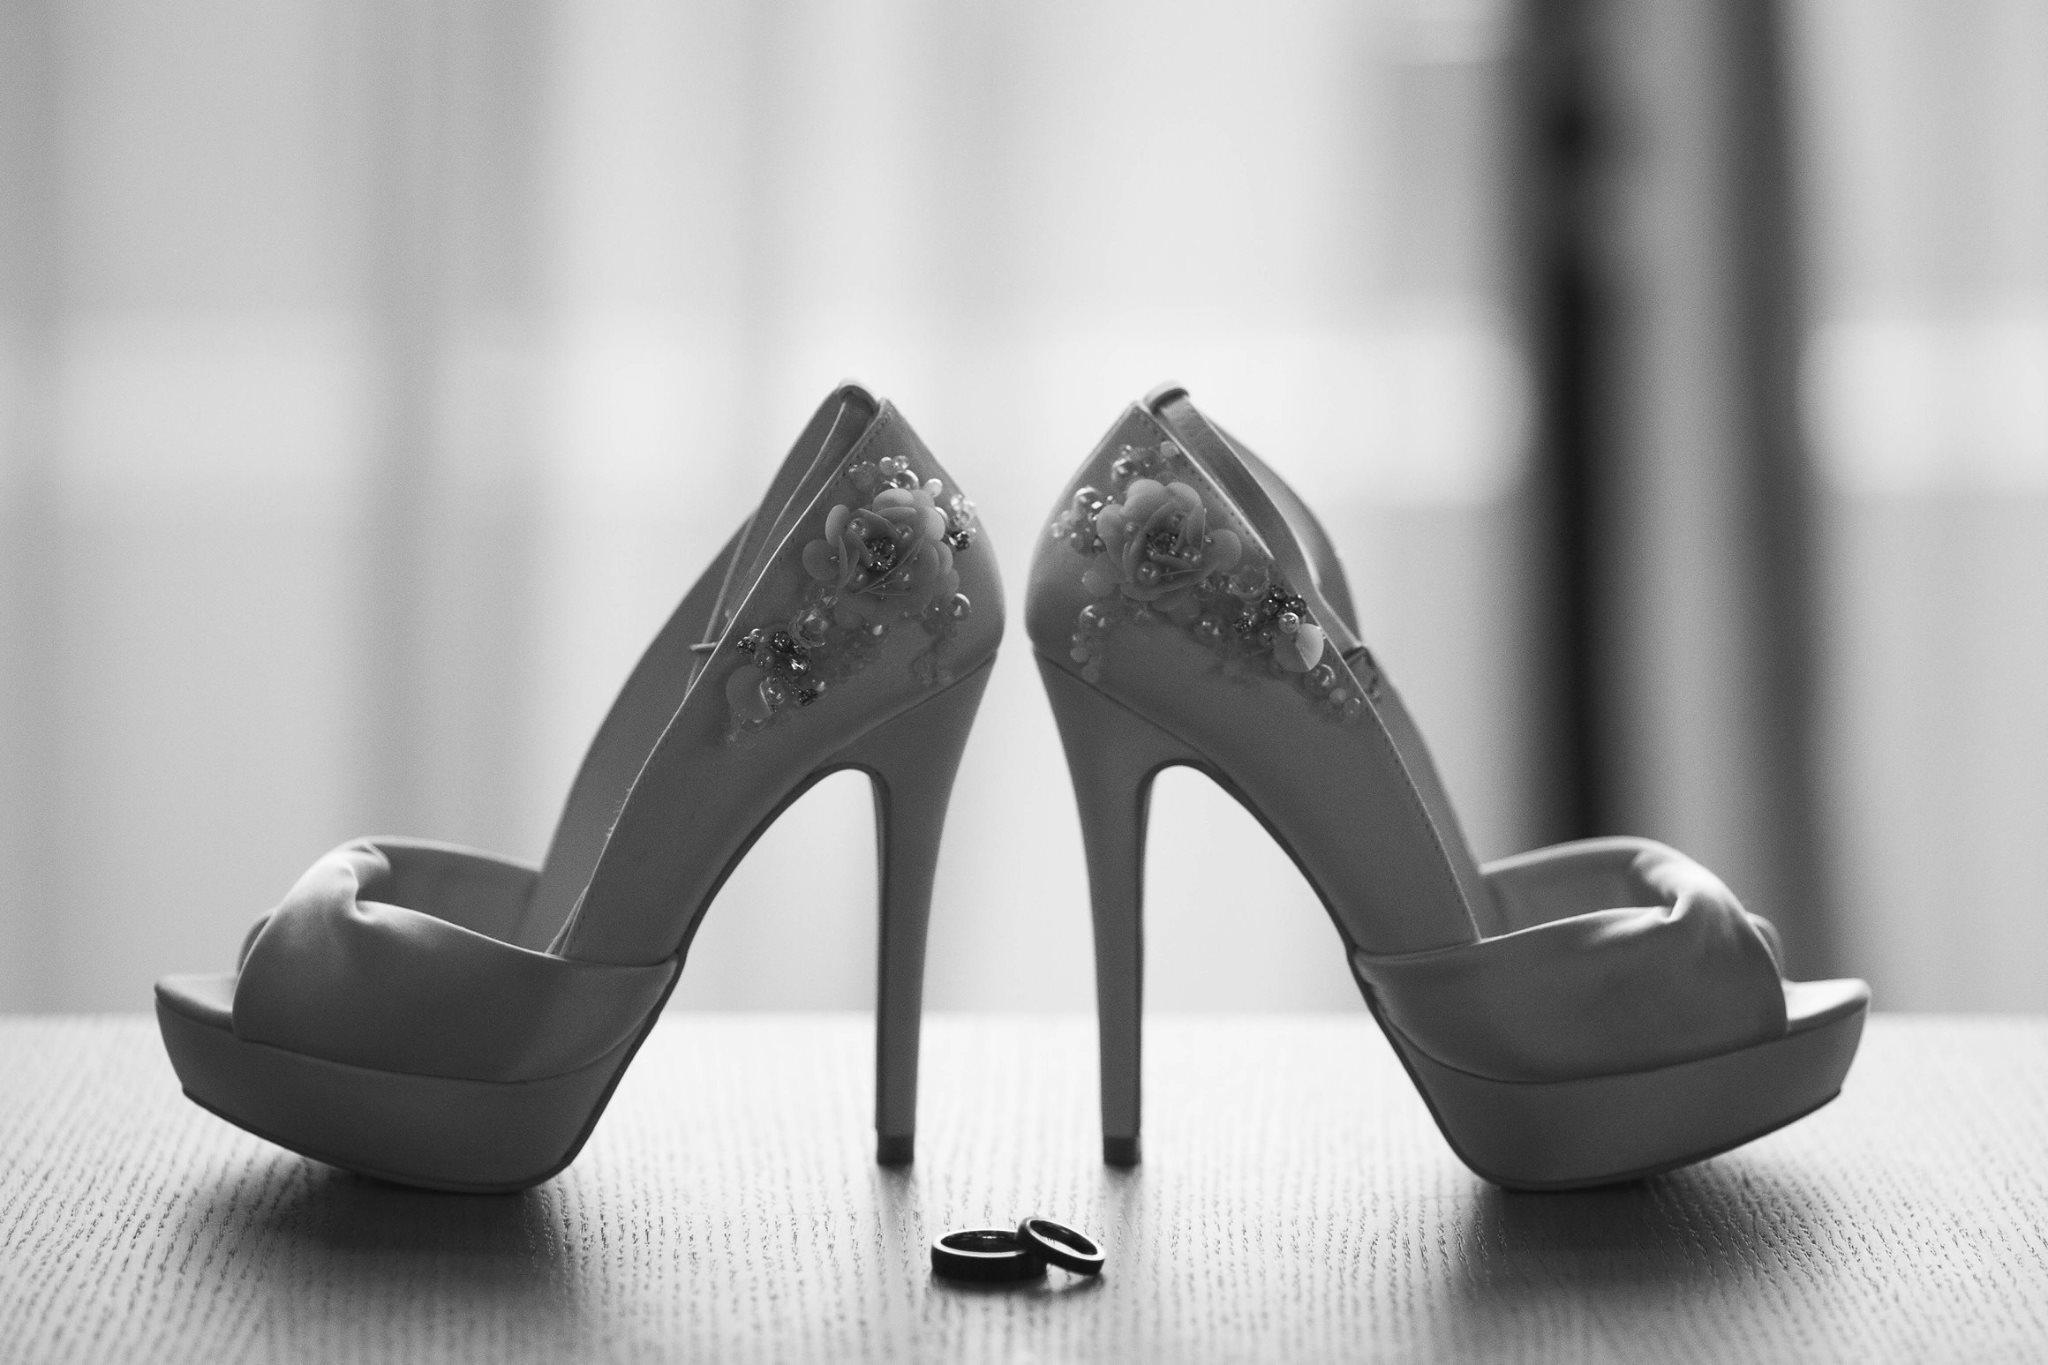 Imagen de unos zapatos con tacón - FOTO: www.ladiapo.com